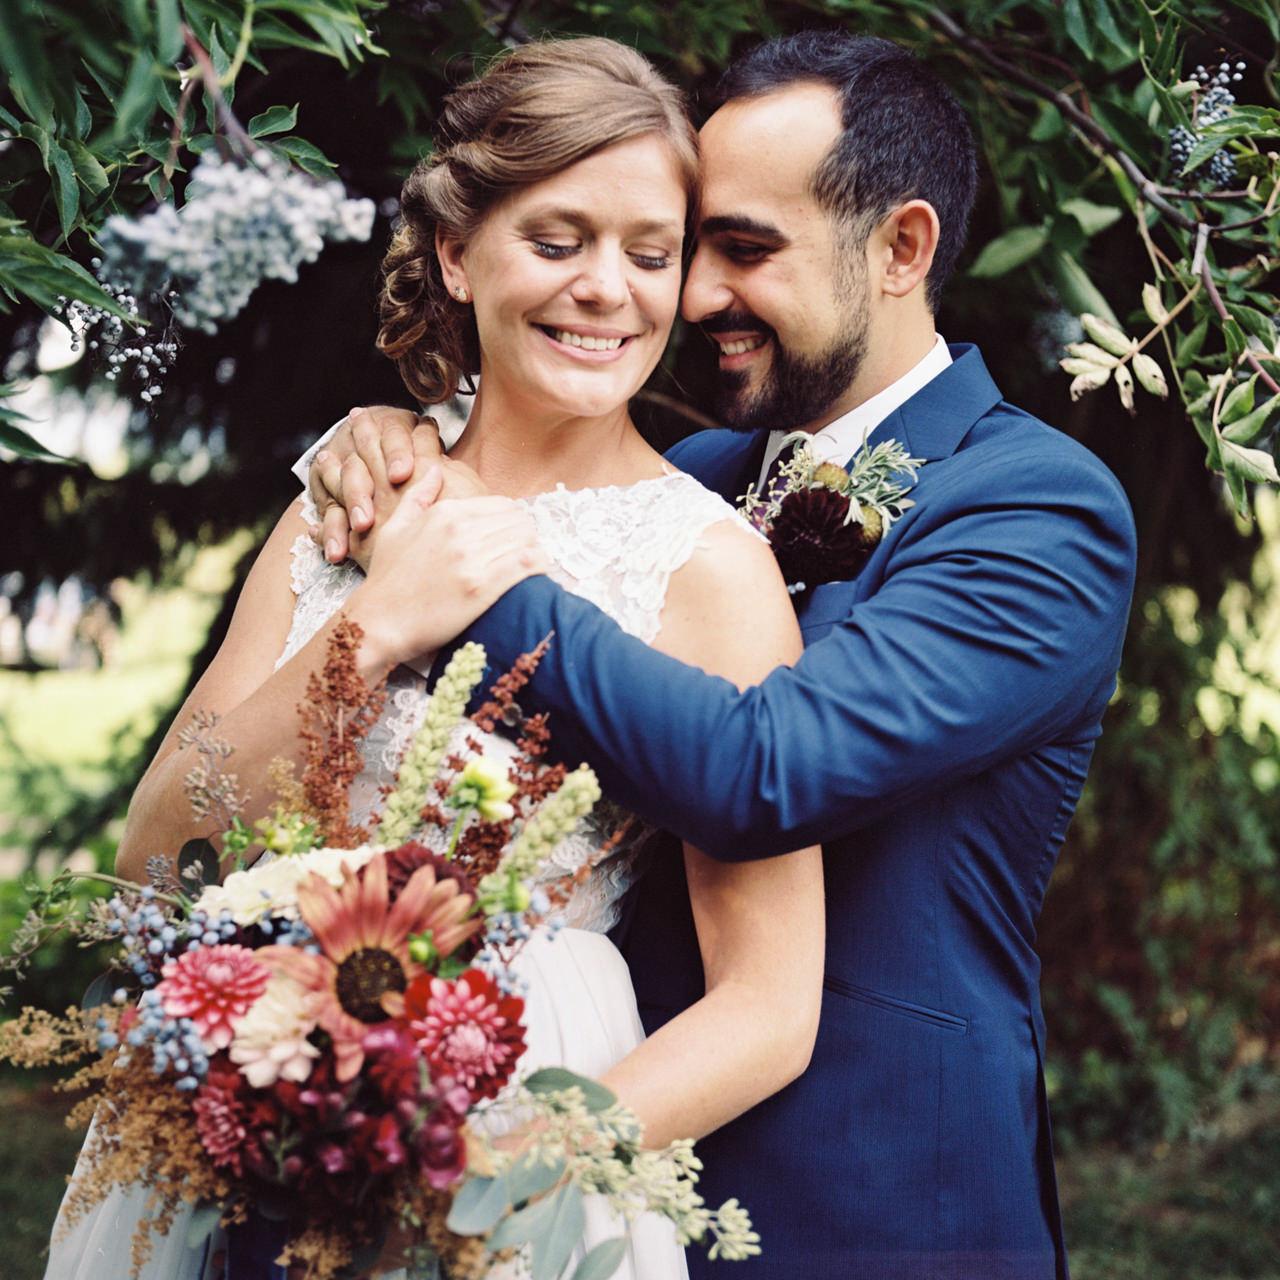 mt-hood-organic-farms-film-wedding-13.jpg